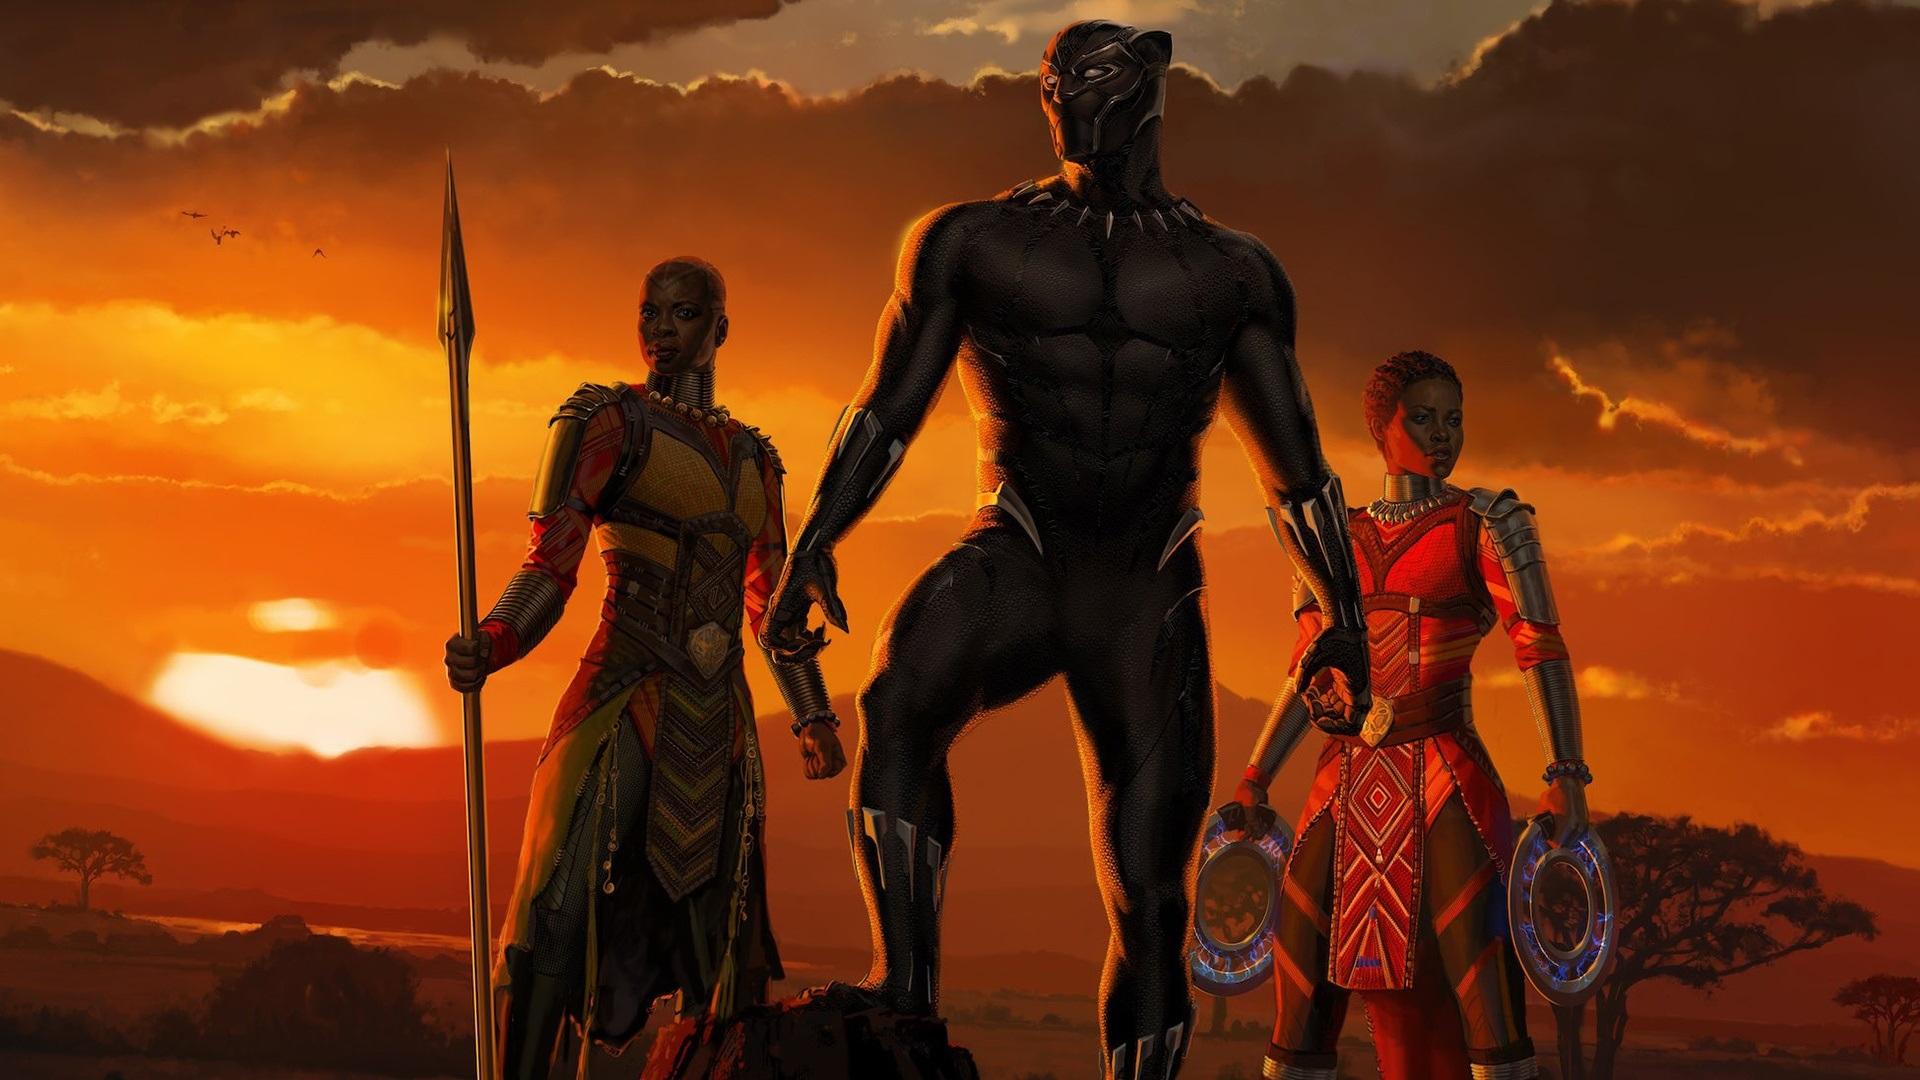 Black Panther 2018 Movie Still Full Hd Wallpaper: Wallpaper Black Panther, Africa, 2018 Movie 1920x1080 Full